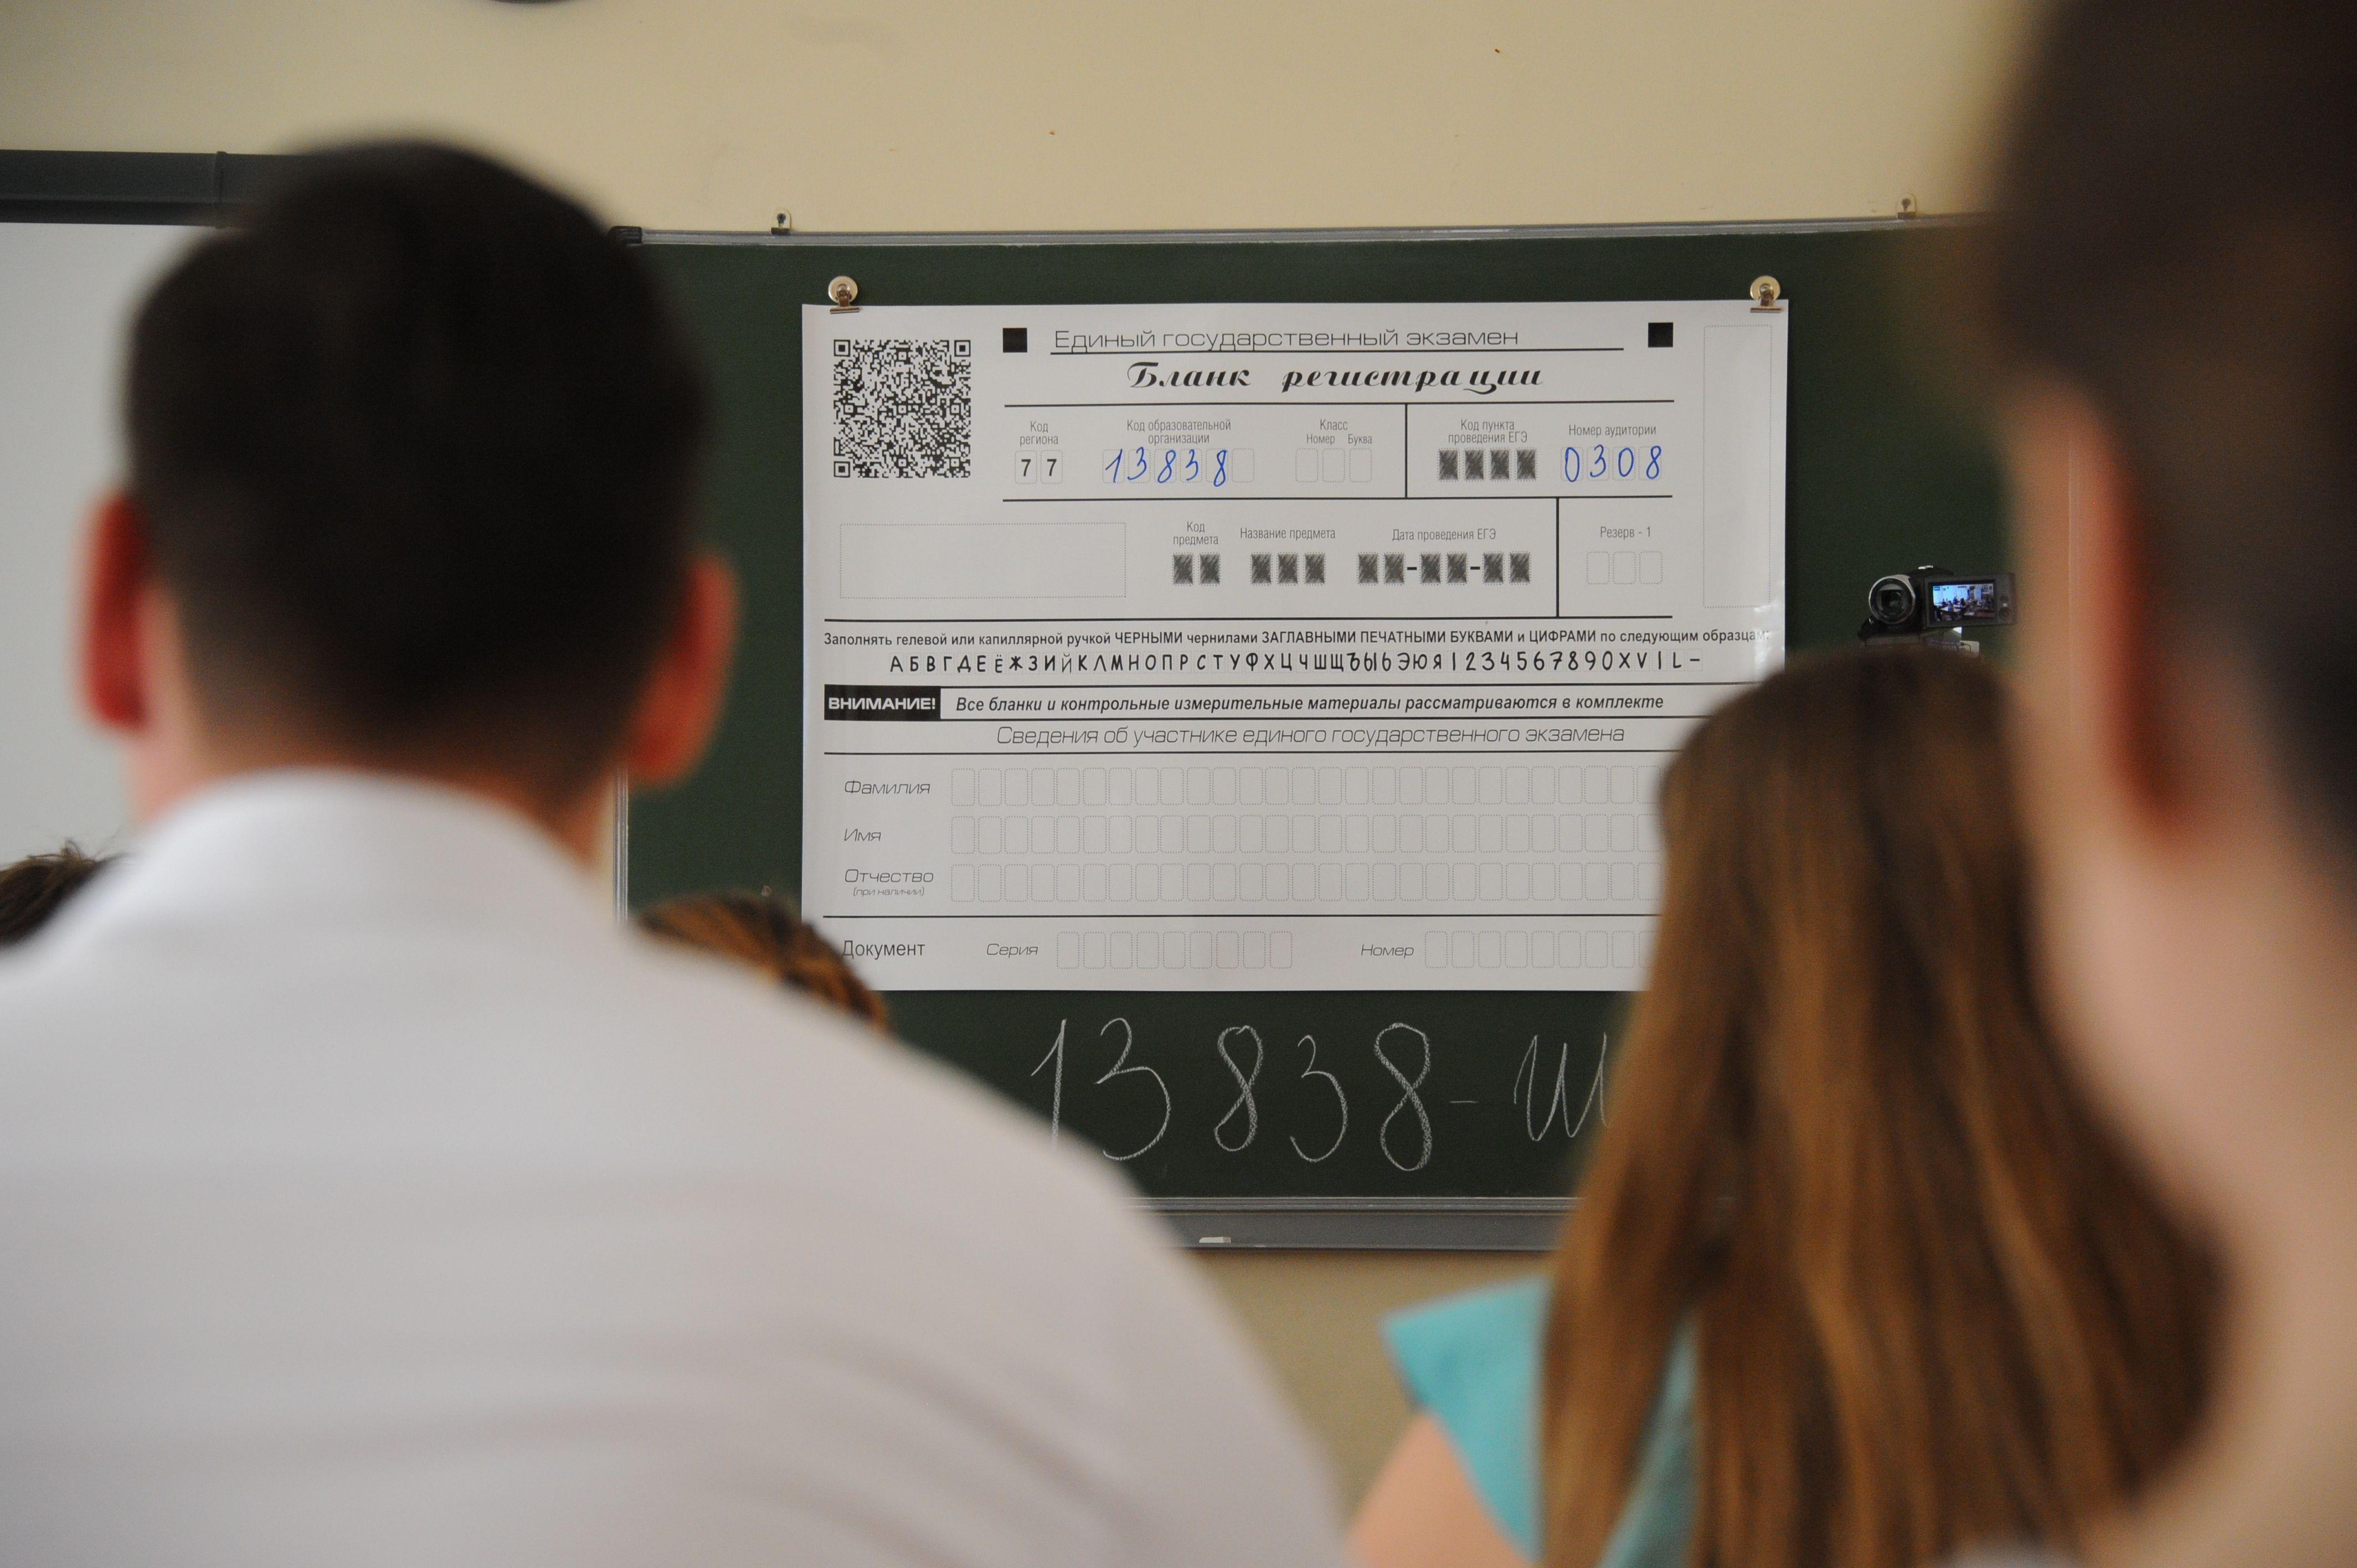 Около 80 тыс выпускников планируют сдавать ЕГЭ в Москве в этом году. Фото: Александр Кожохин, «Вечерняя Москва»